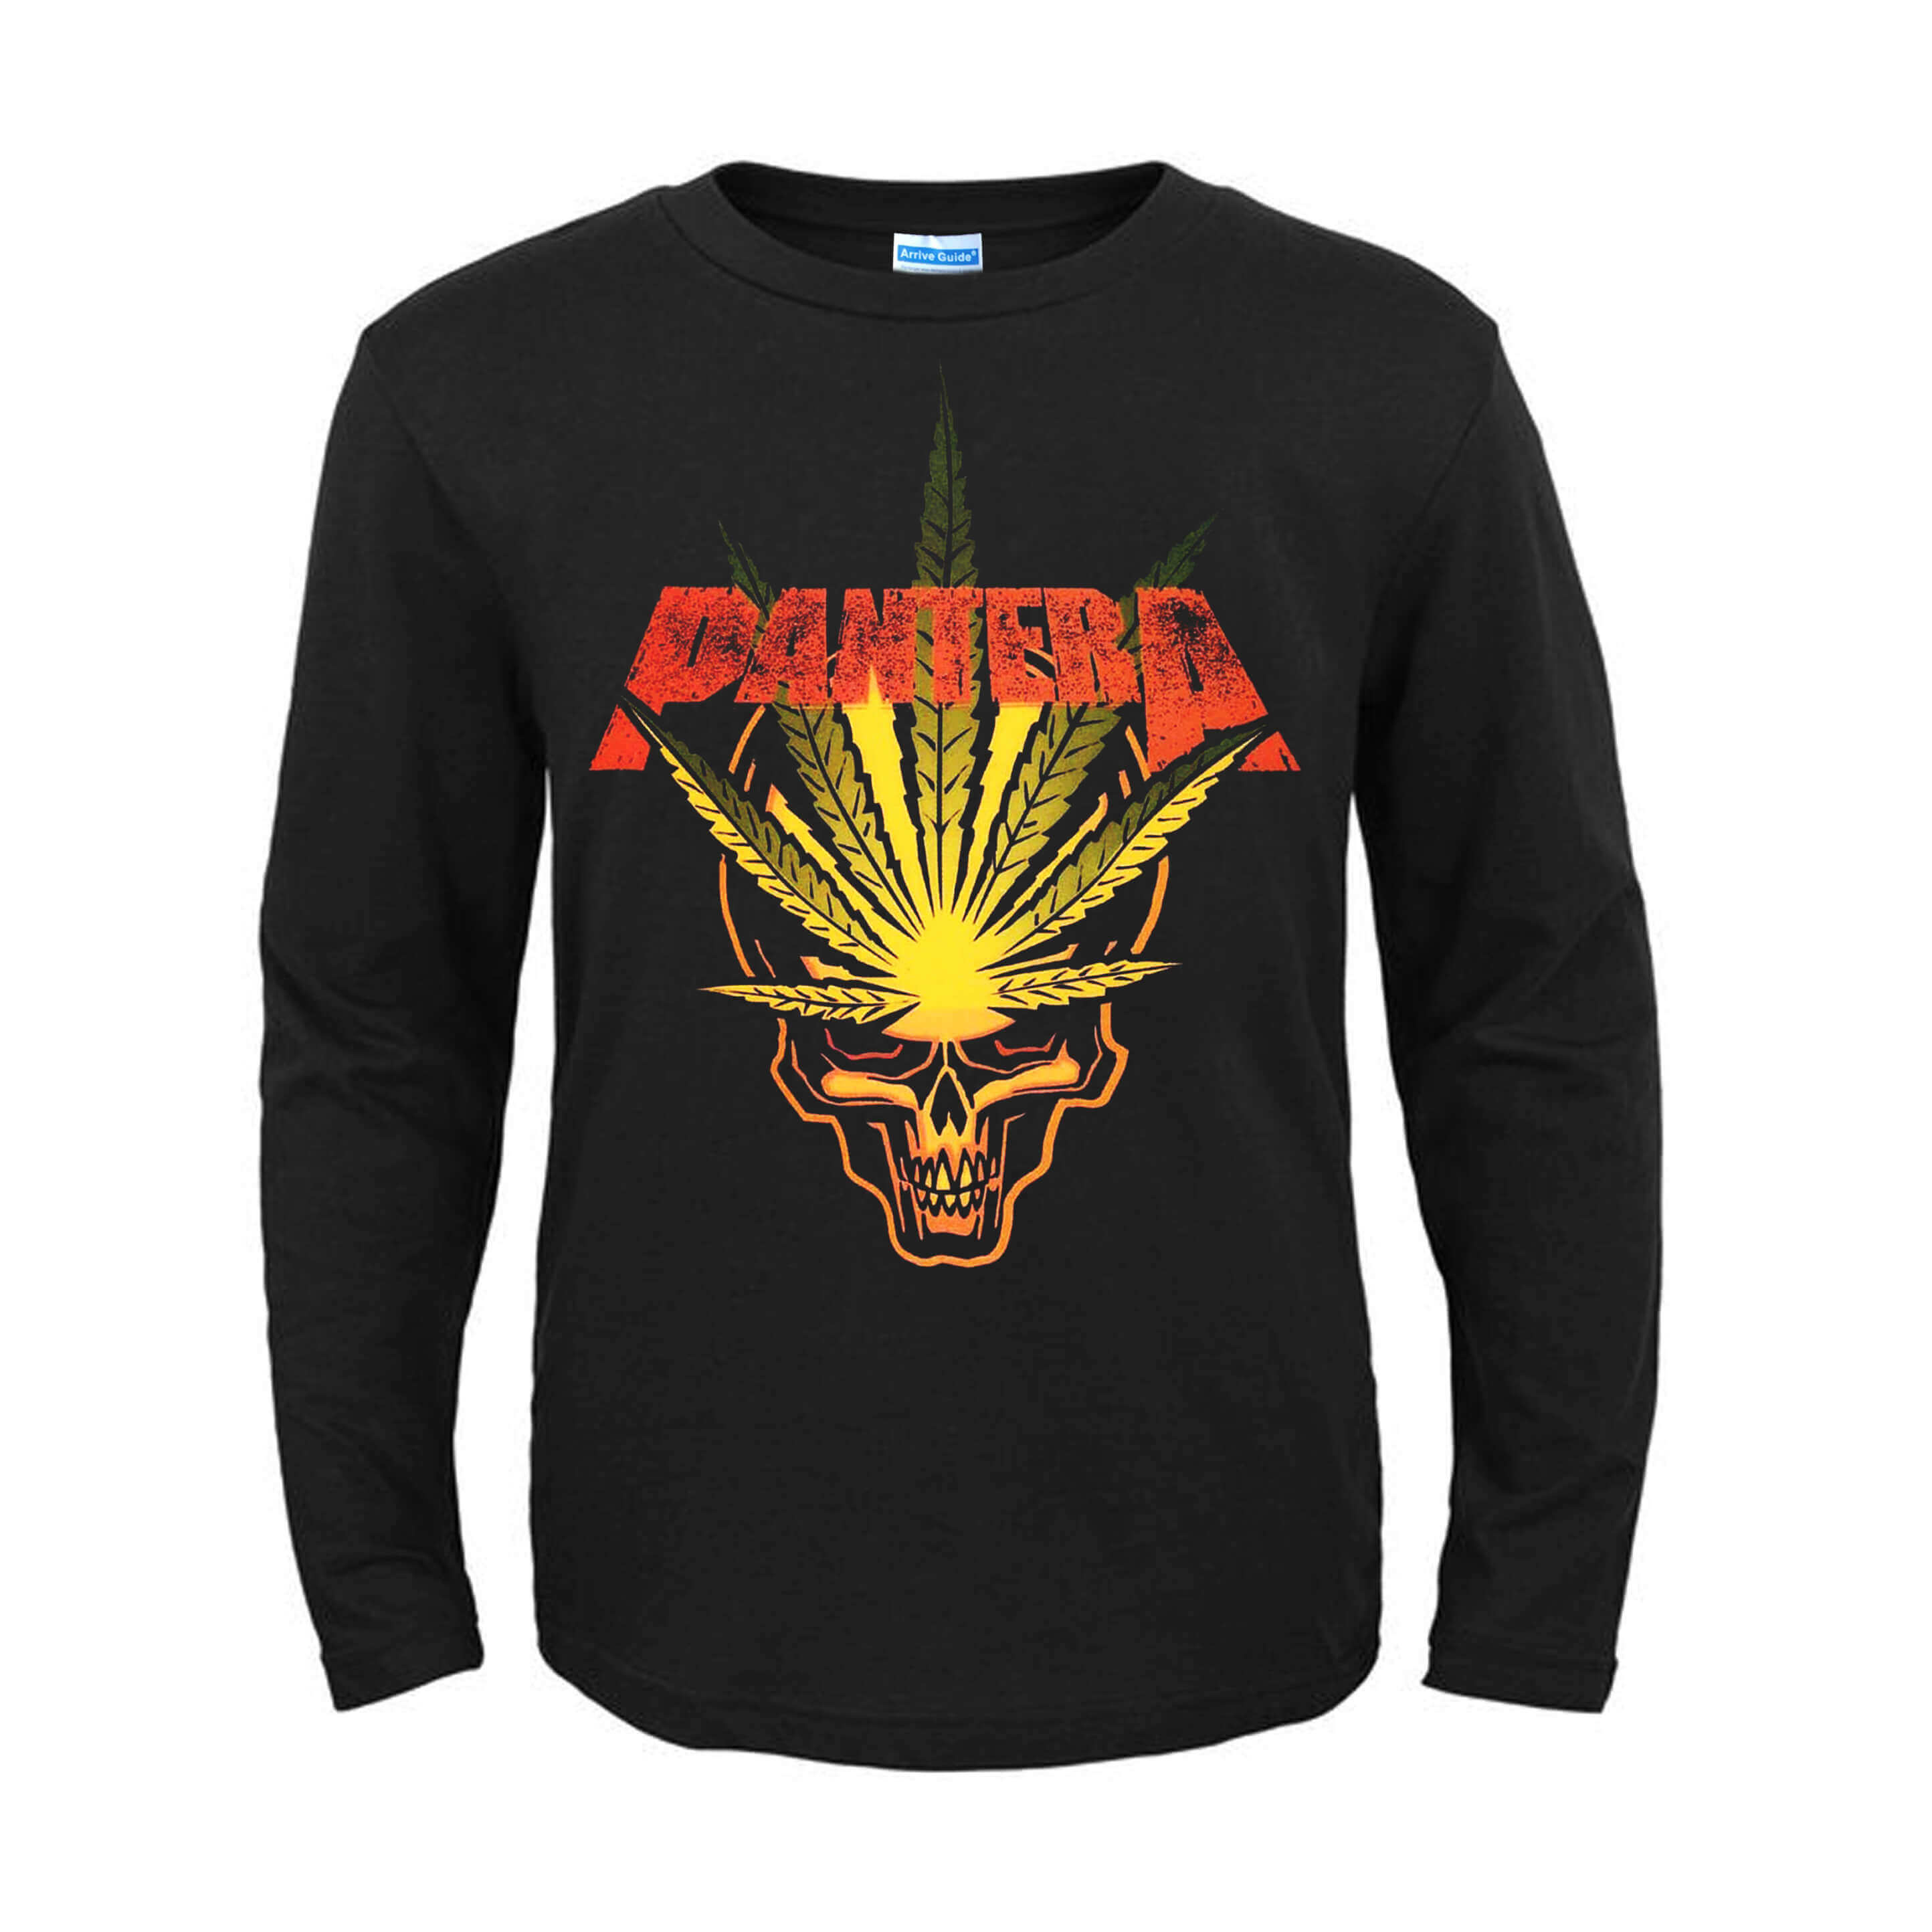 Pantera Tee Shirts Us Metal Band T-Shirt